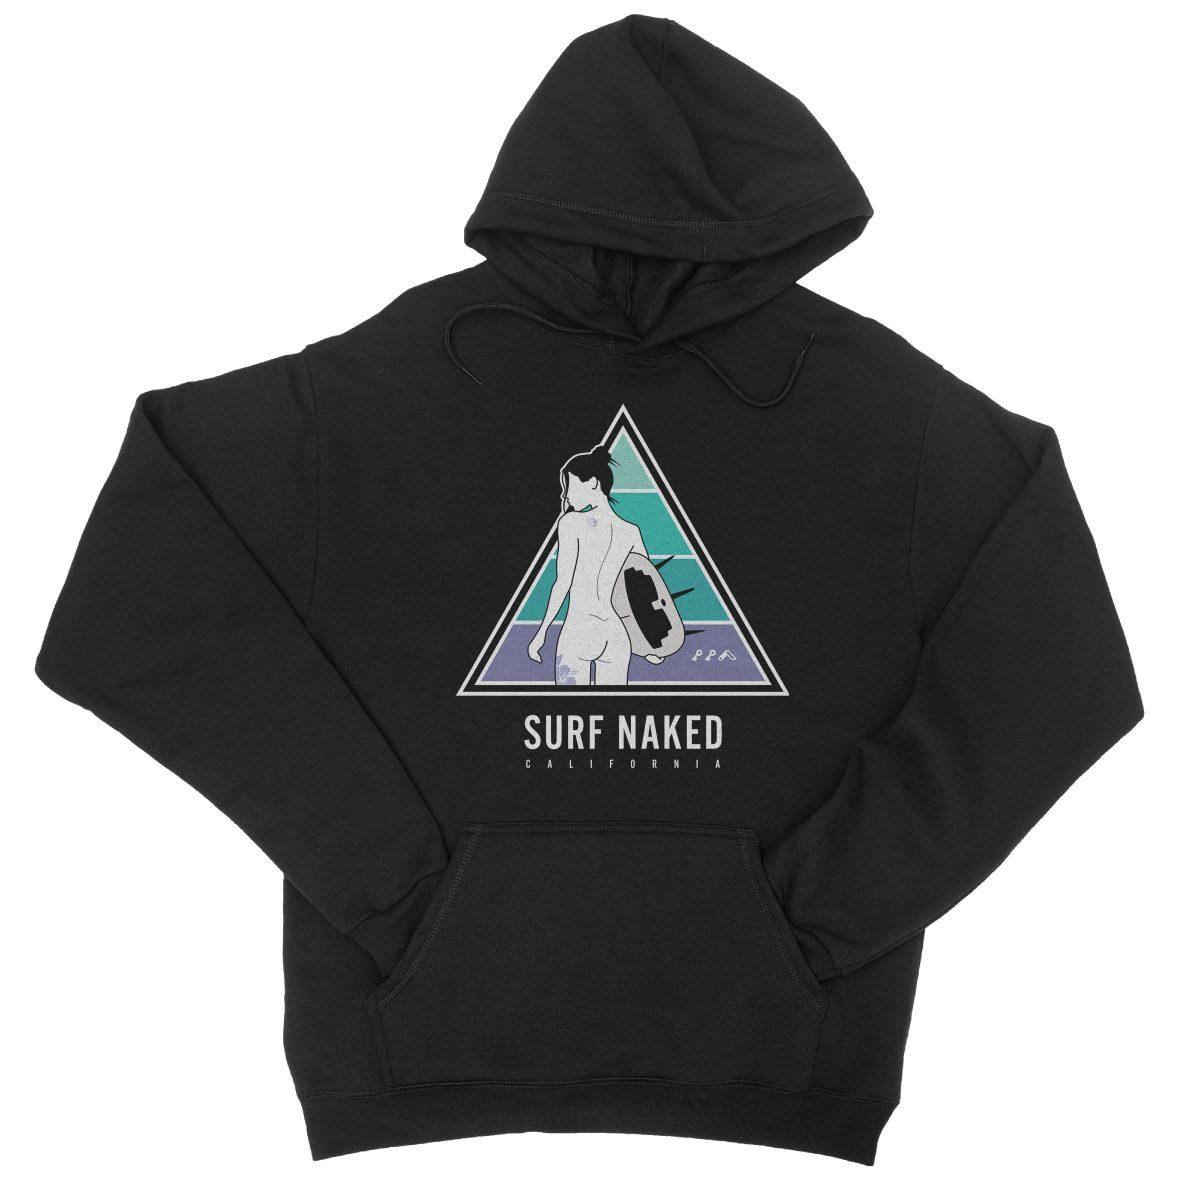 SURF NAKED CALIFORNIA beaches hoodie in black by kikicutt sweatshirt store